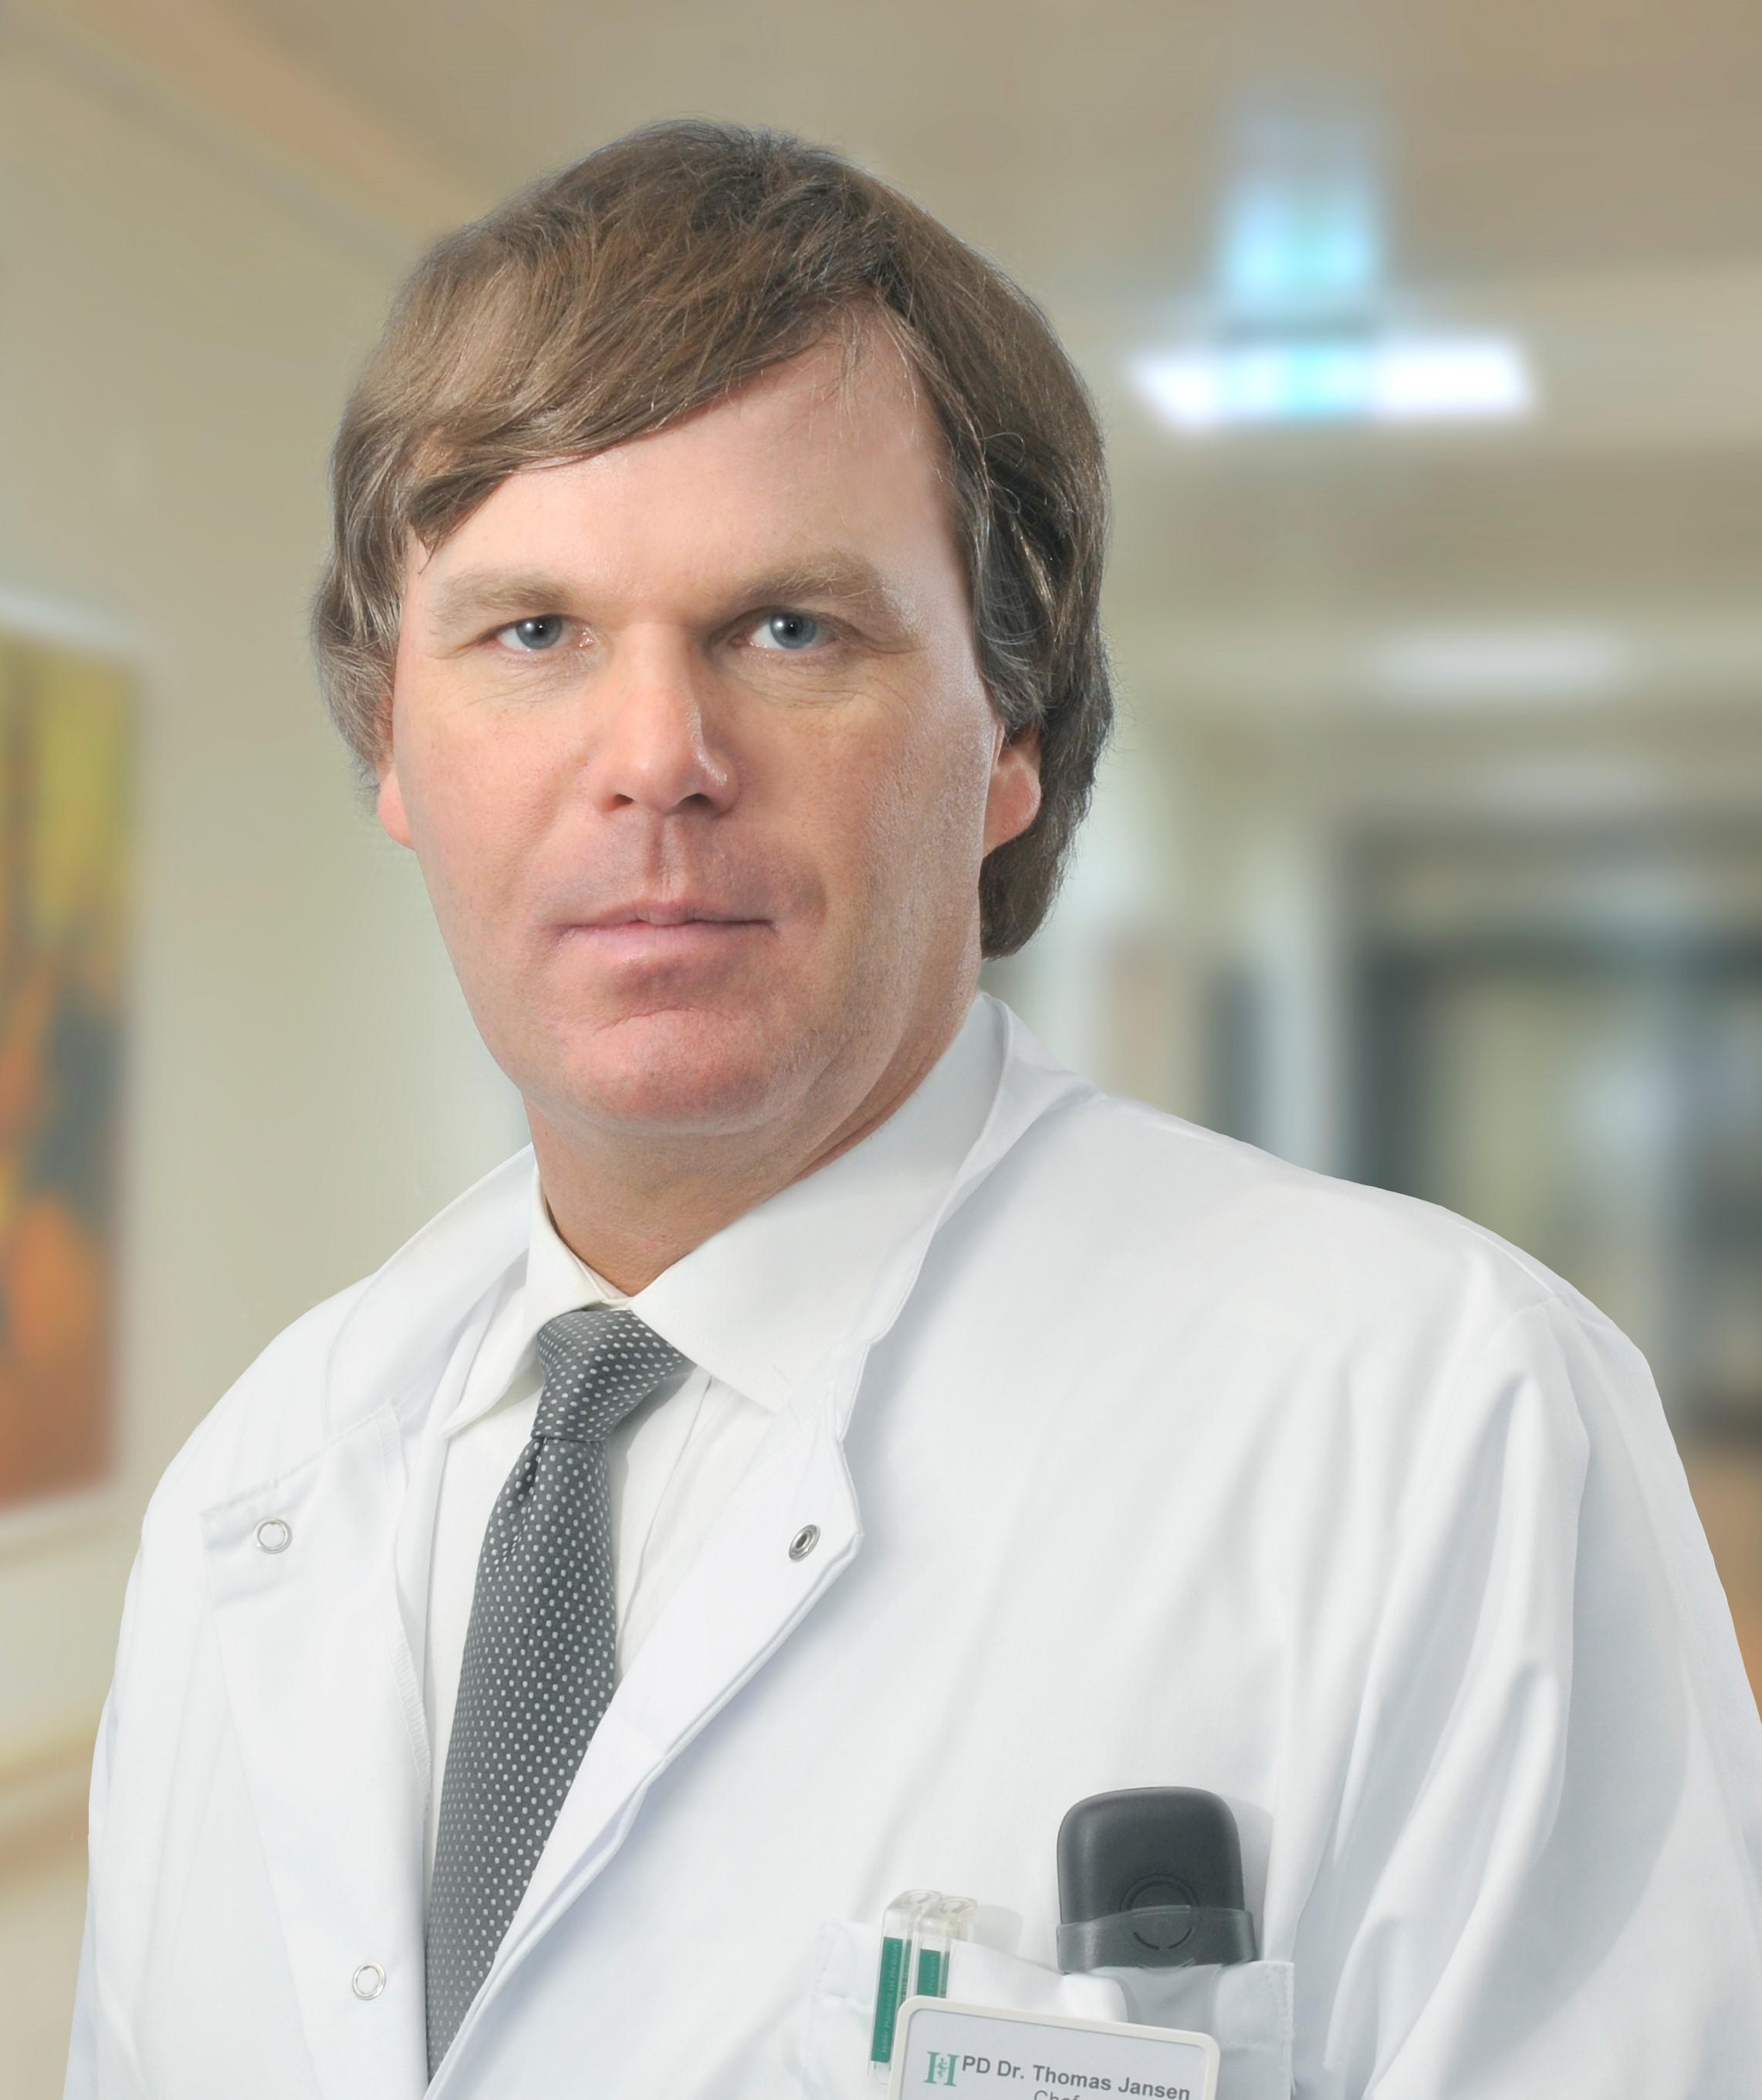 Pd Dr Jansen Hautärzte Neuwied Dr Kunz Und Pd Dr Jansen